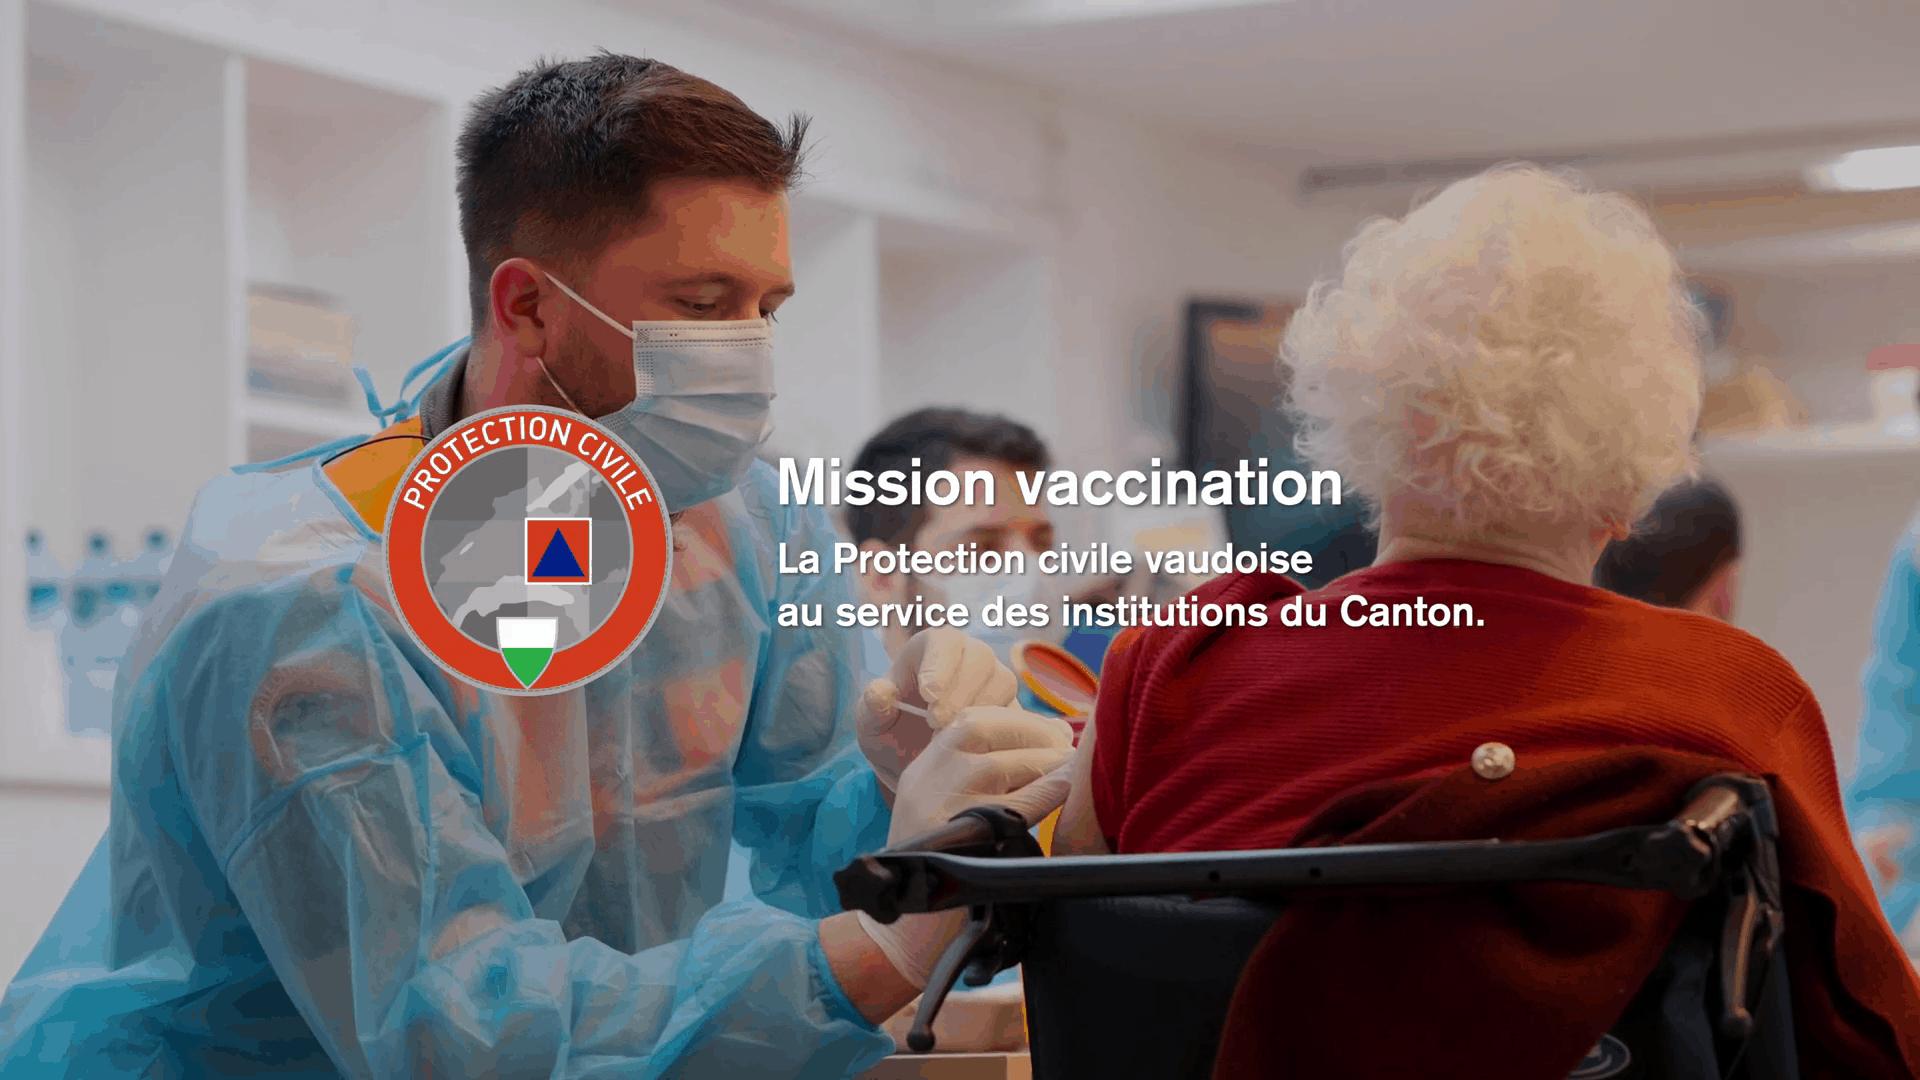 Mission vaccination : la Protection civile vaudoise au service des institutions du Canton.